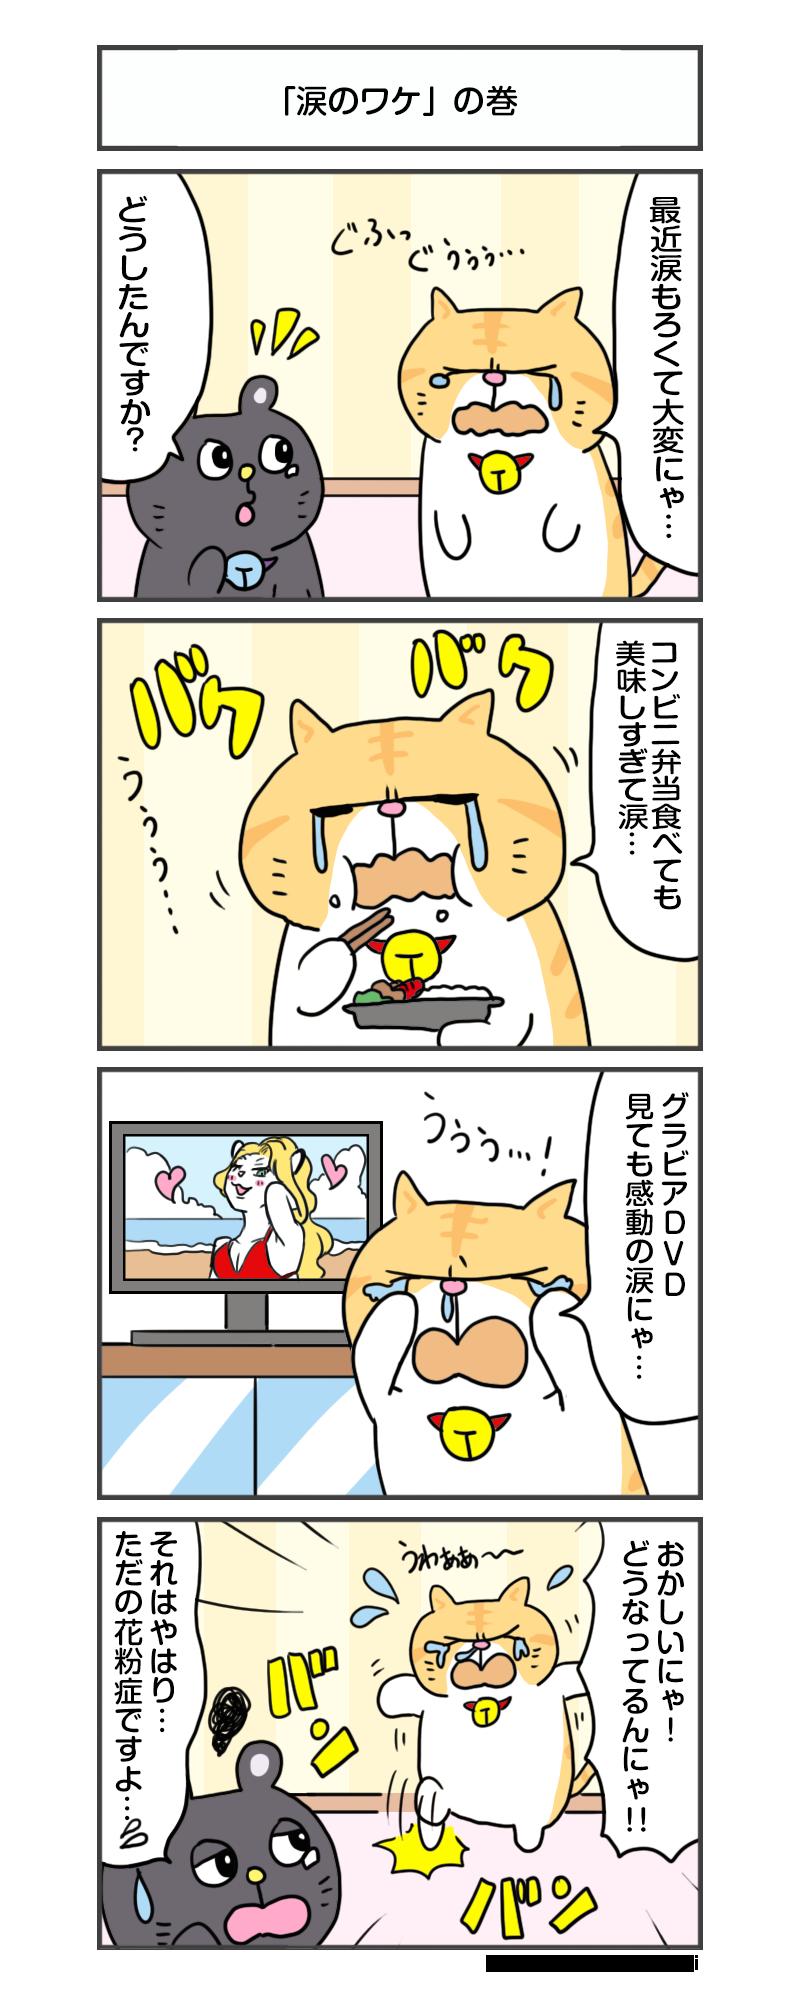 えきぞうmanga_vol.293